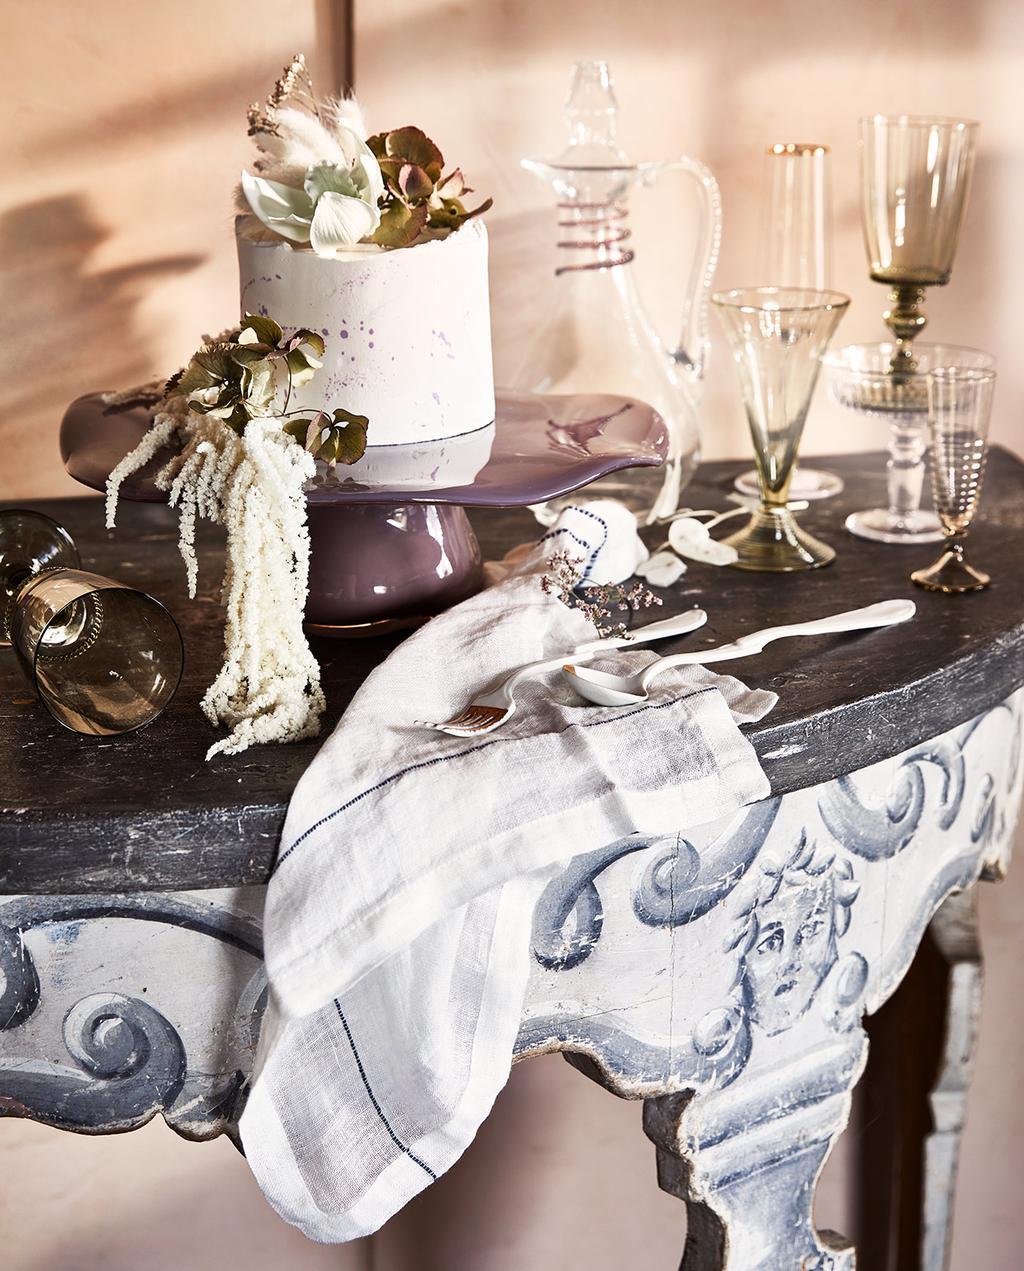 vtwonen 06-2021 | ronde tafel met glazen I stijlenmix in huis